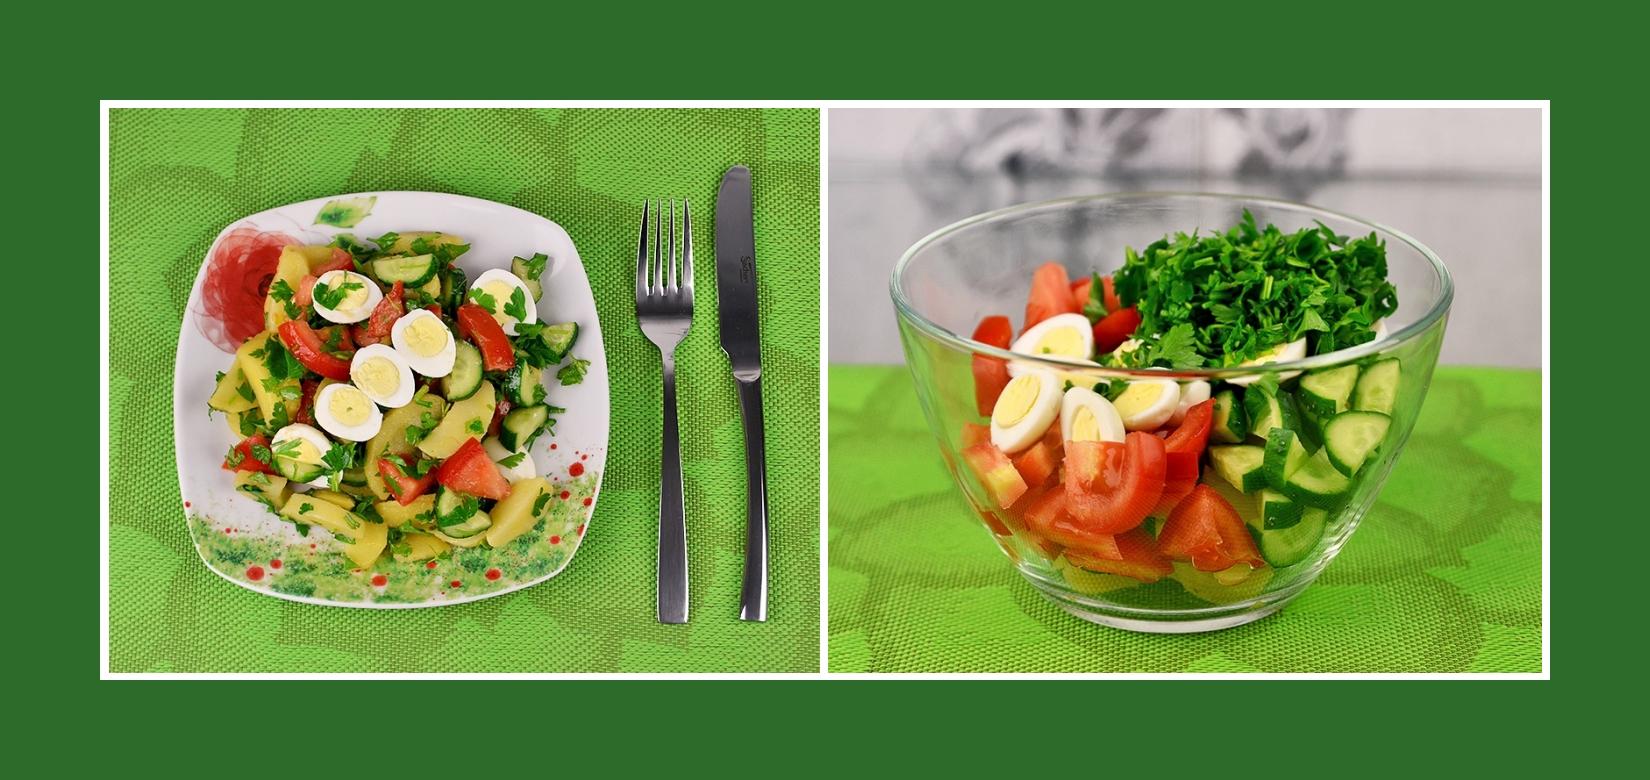 Salat aus Wachteleiern, Tomaten, Gurken, gekochten Kartoffeln und Petersilie